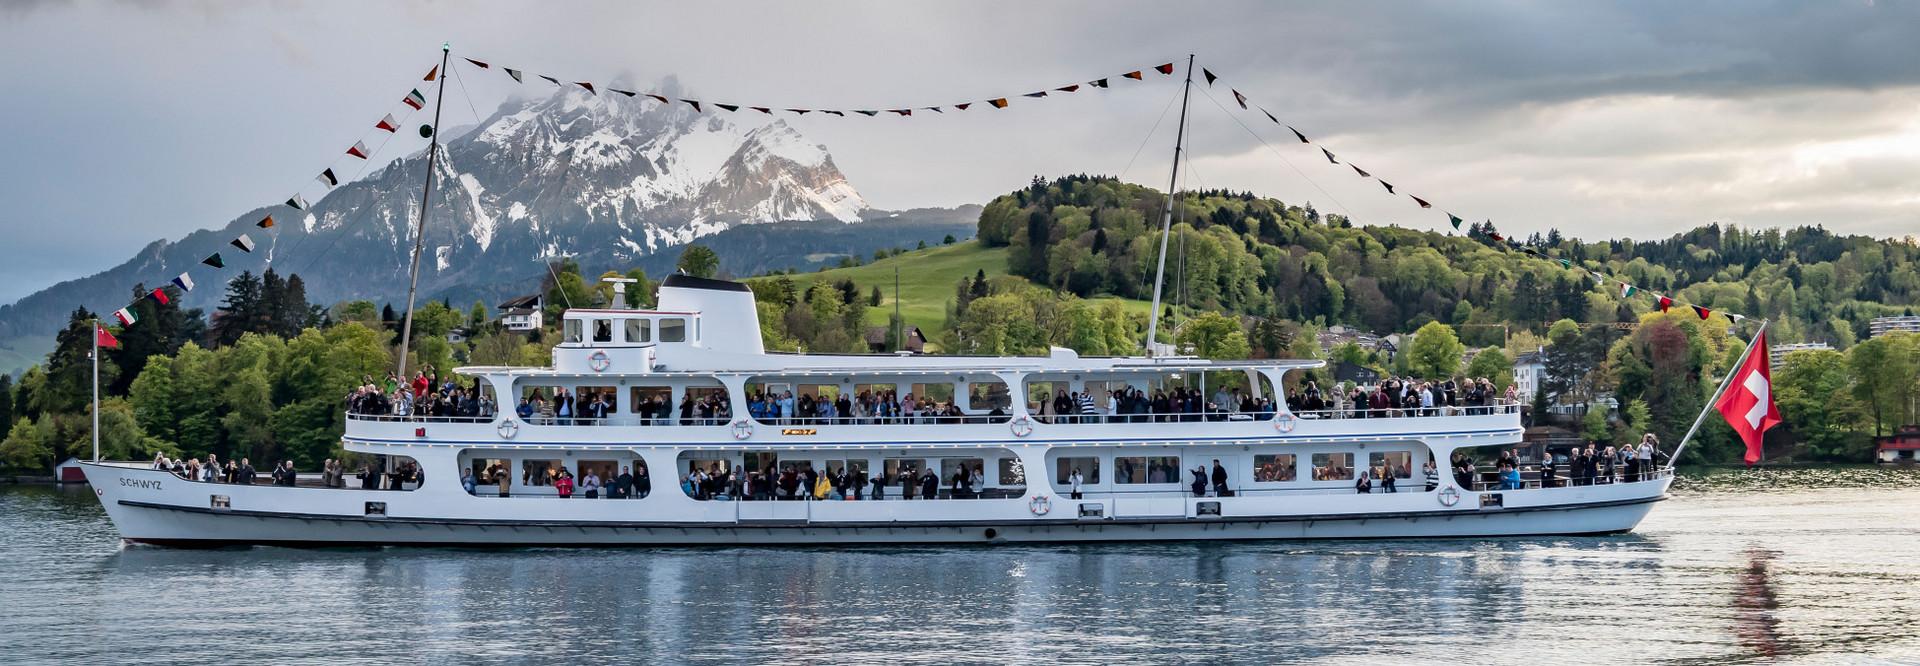 Das Motorschiff Schwyz mit Festbeflaggung während einer Fahrt auf dem Vierwaldstättersee. Im Hintergrund ist der Pilatus zu sehen.